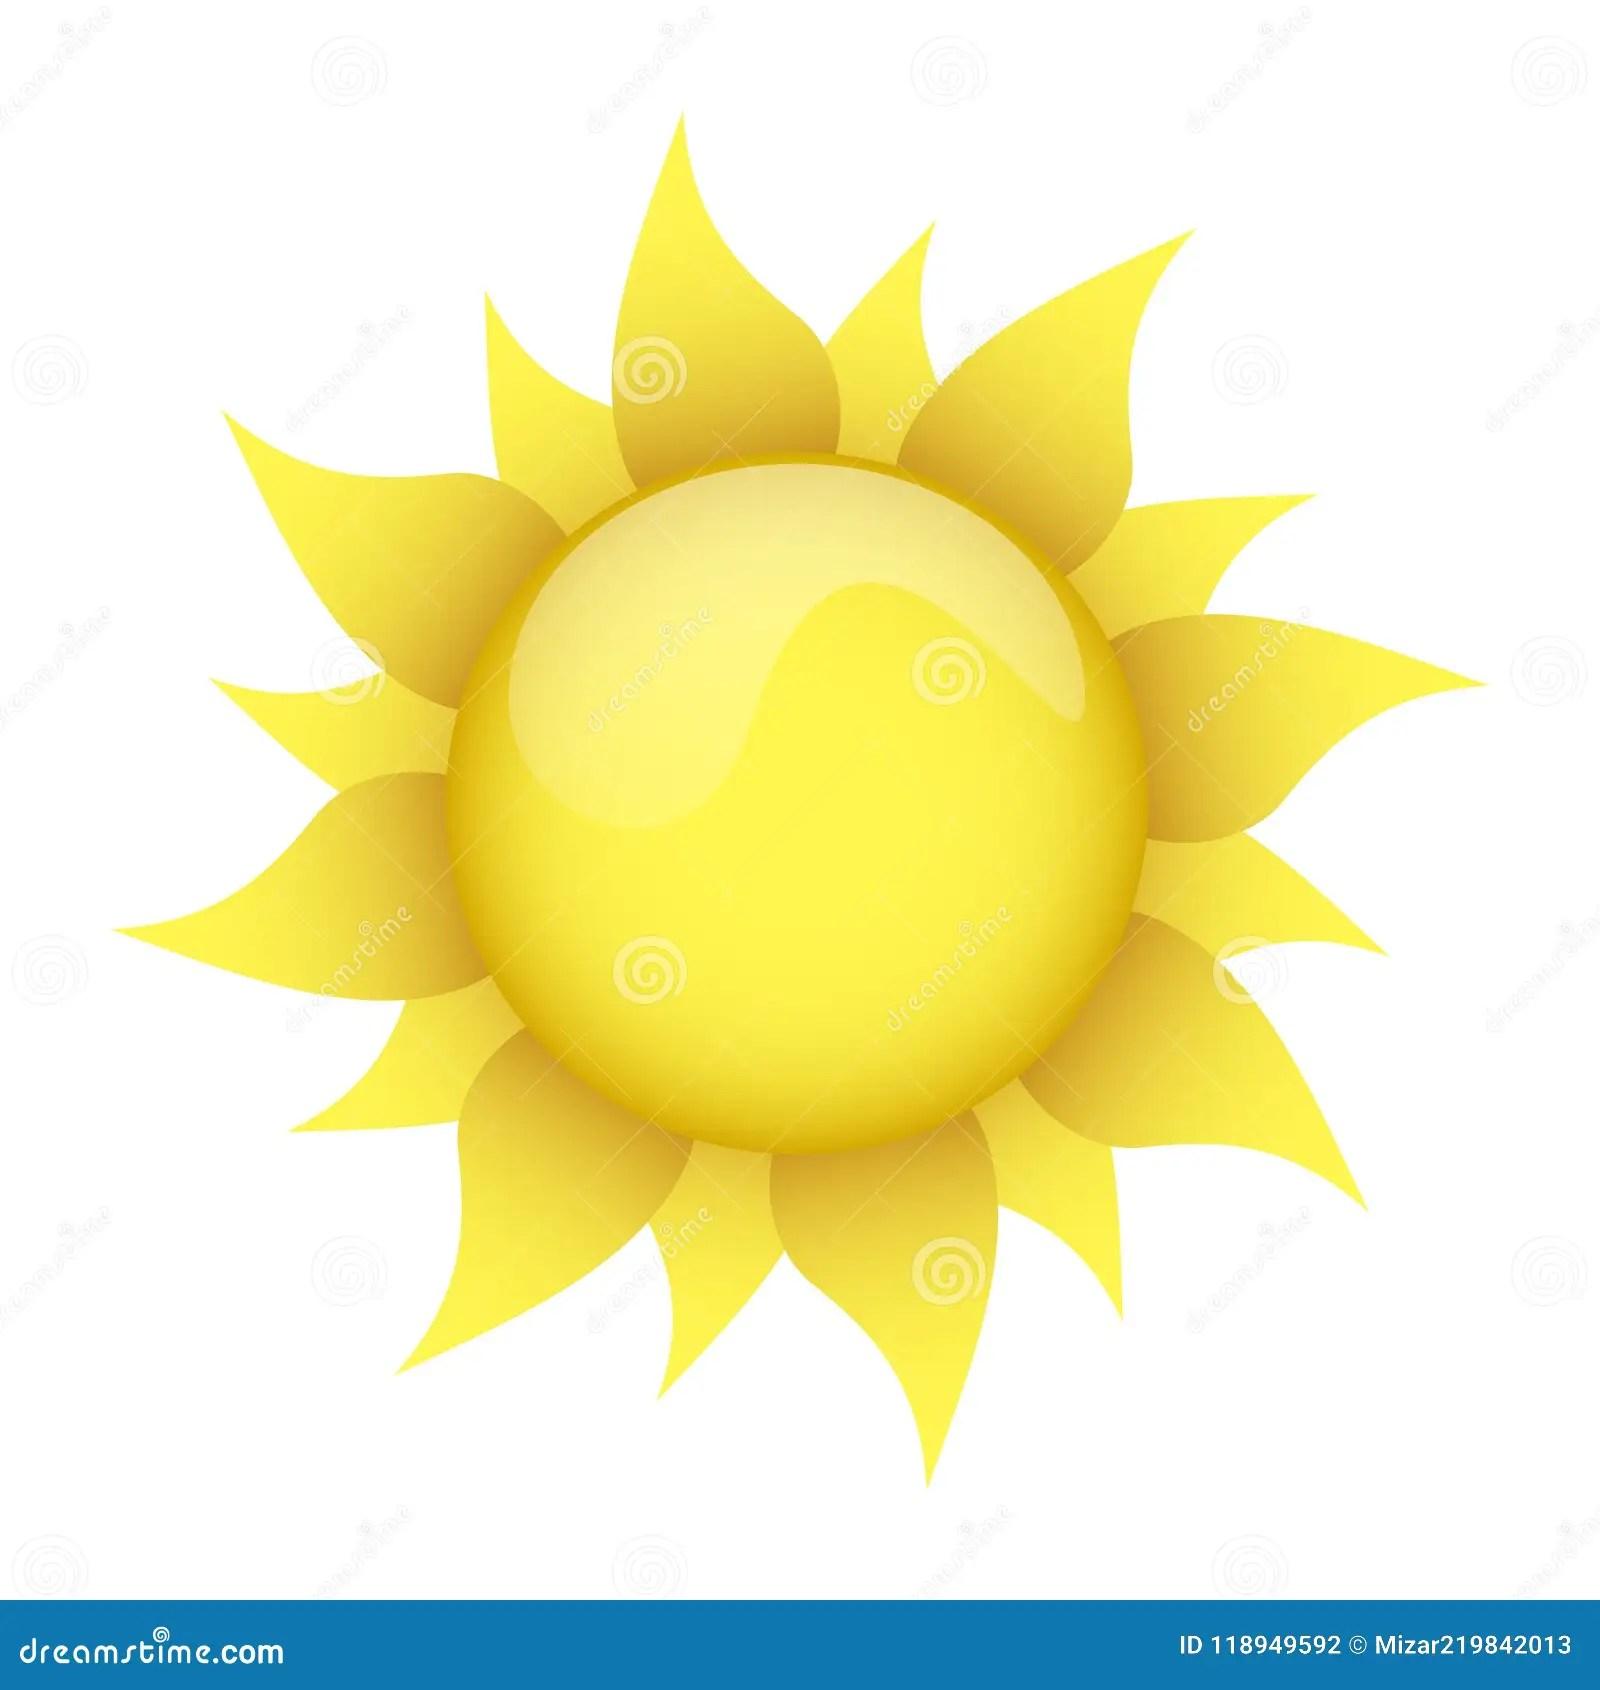 https fr dreamstime com soleil jaune fond blanc image118949592